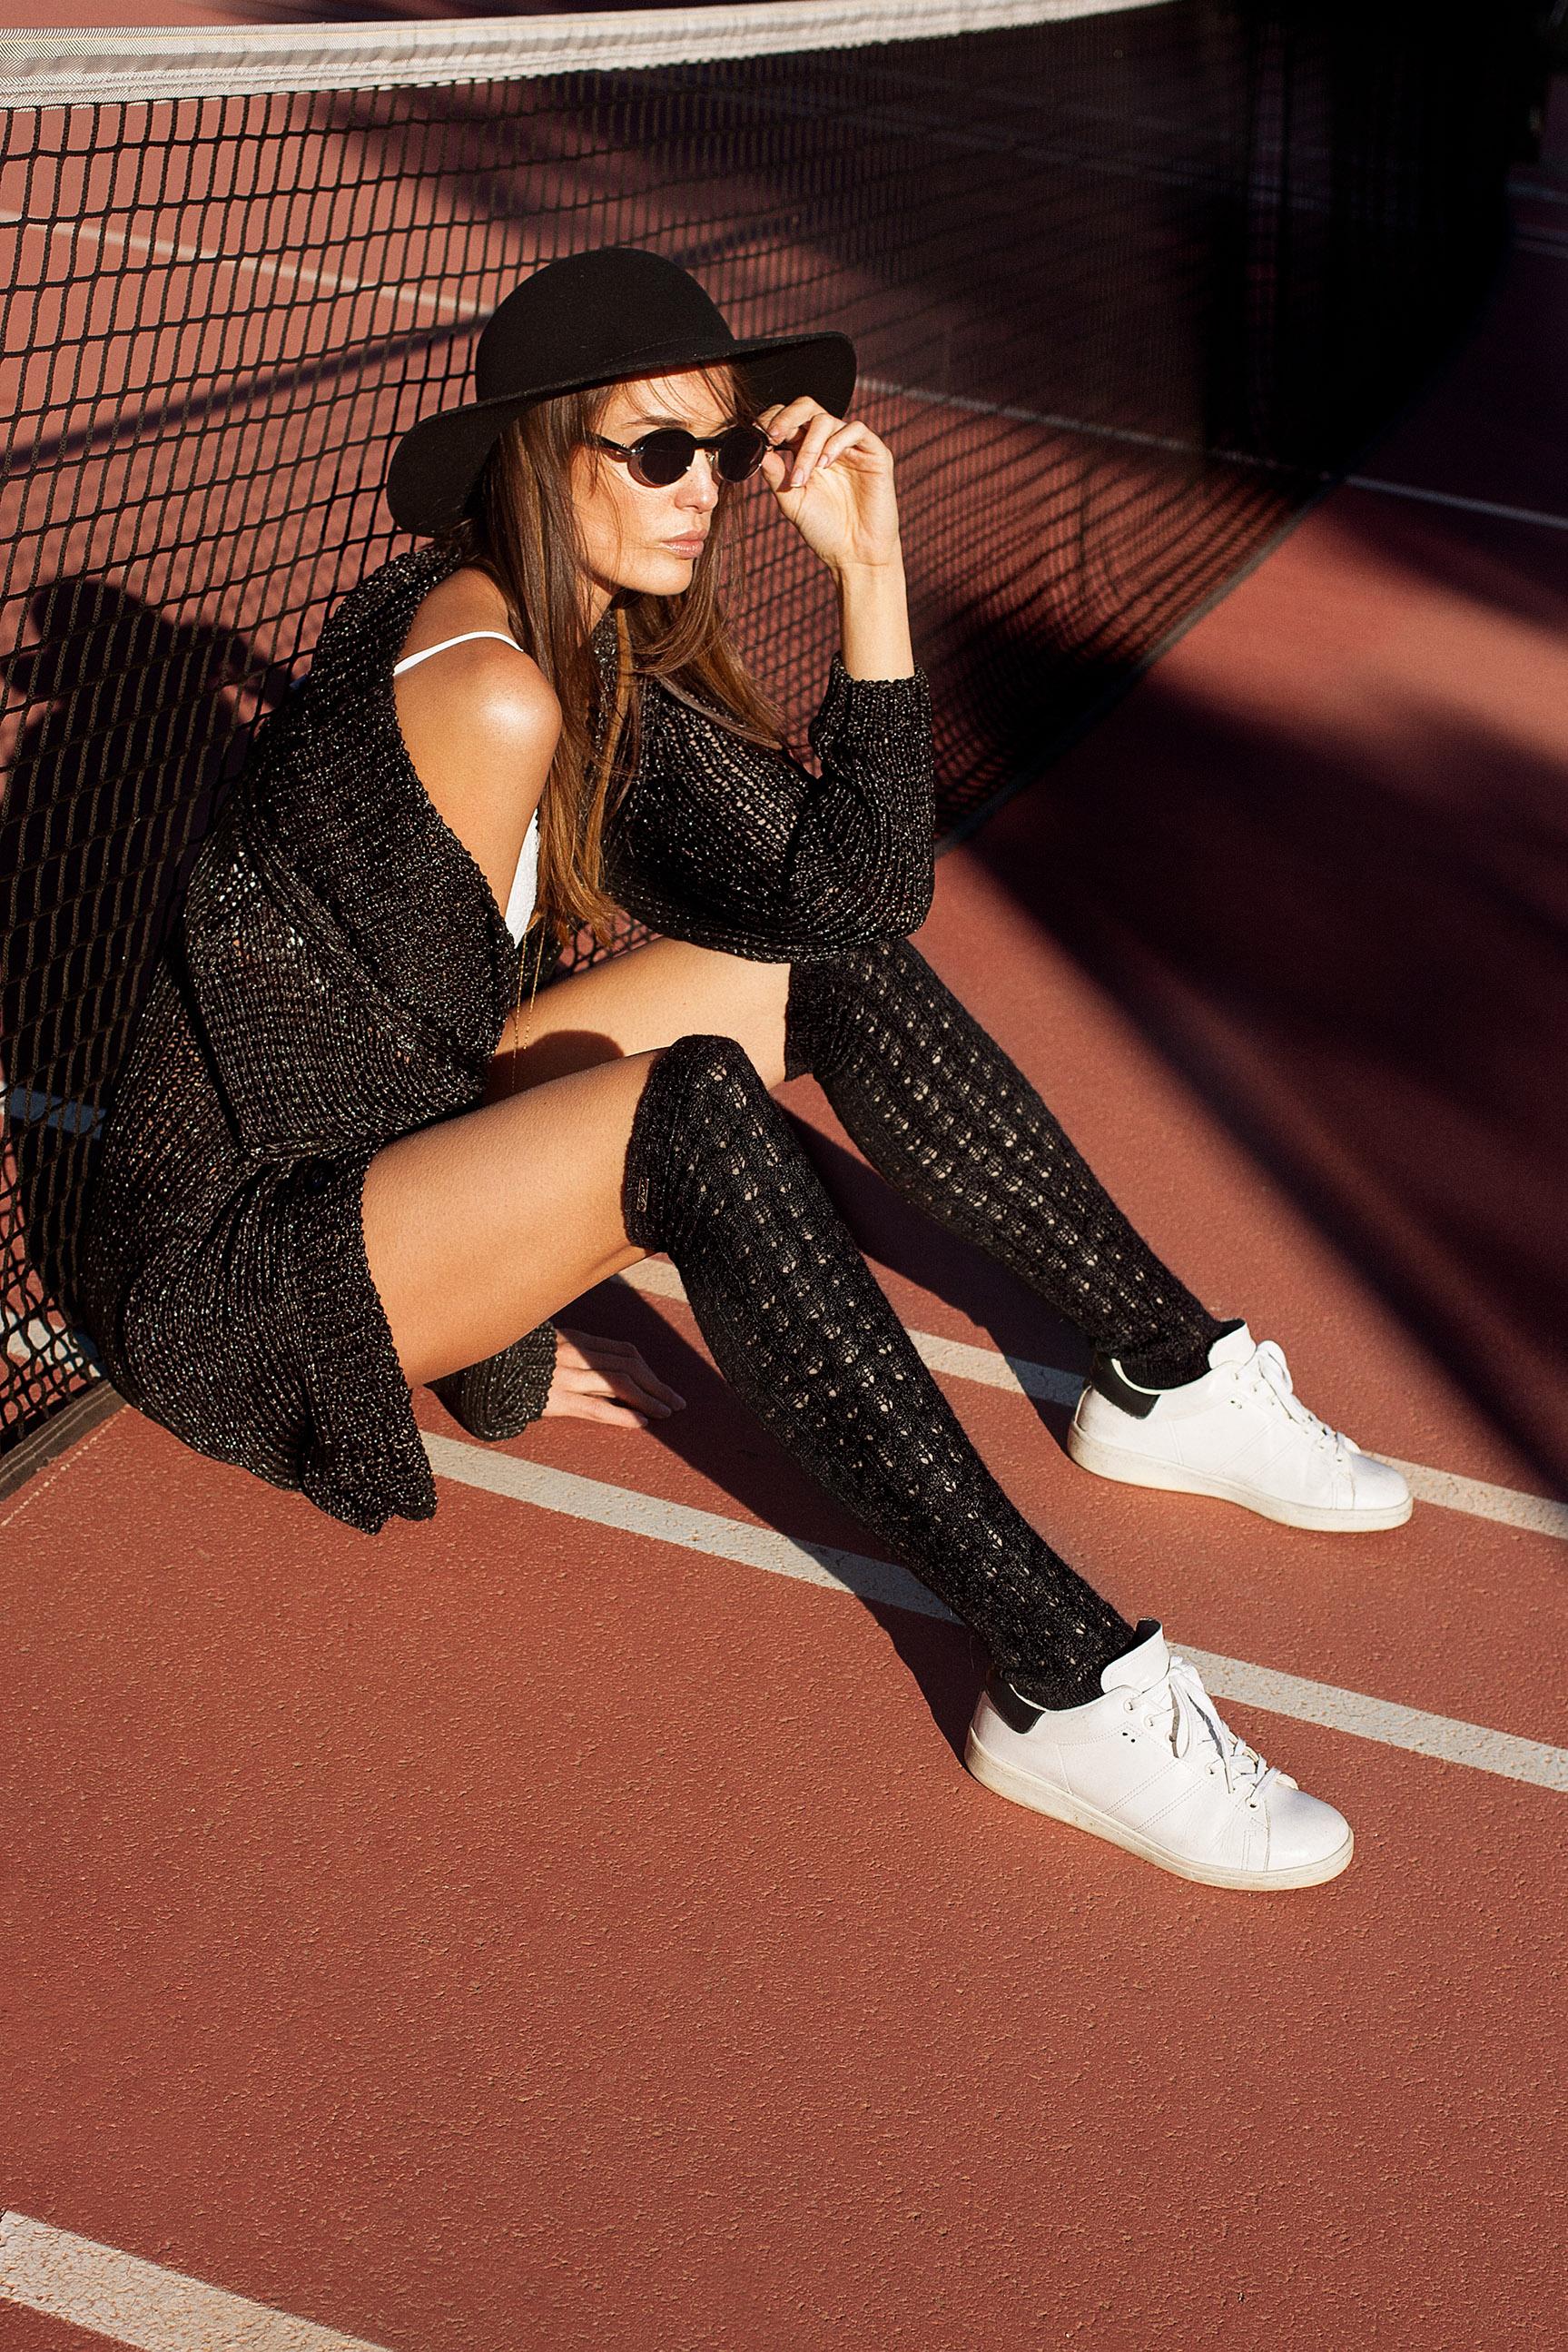 Разминка перед игрой в теннис / фото 02